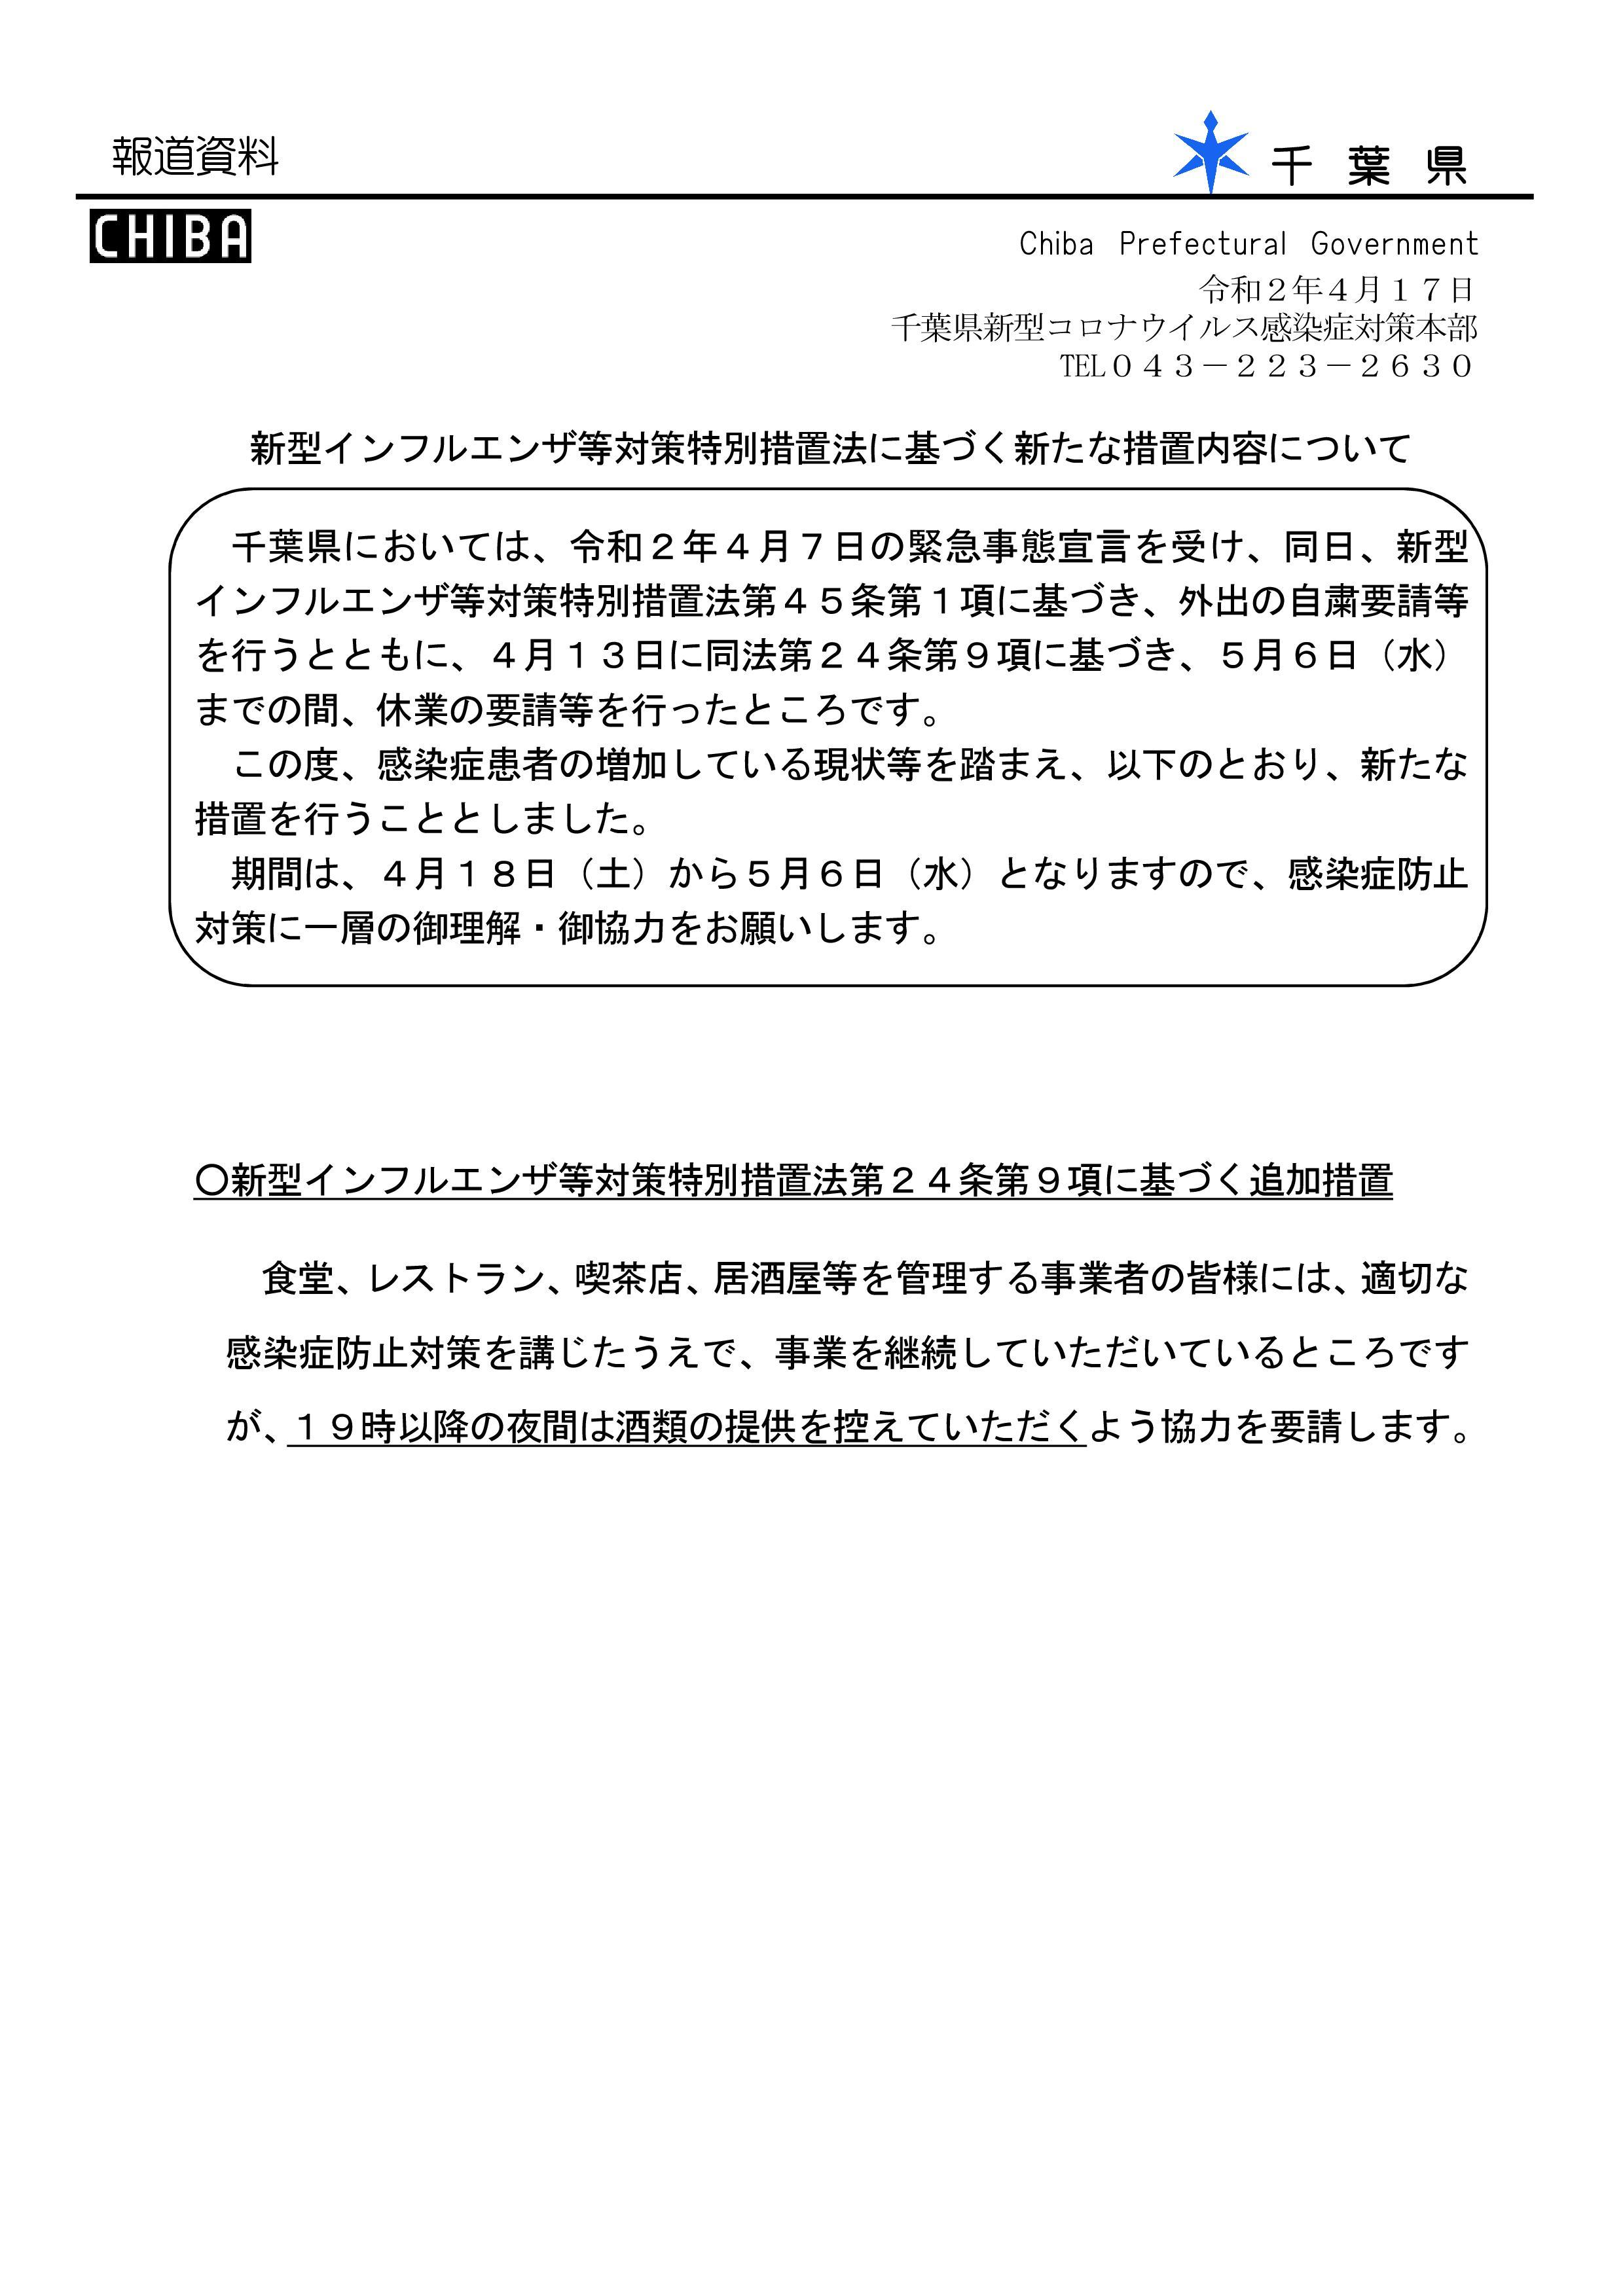 レストラン、居酒屋等19時以降の酒類提供の自粛要請について(千葉県 ...